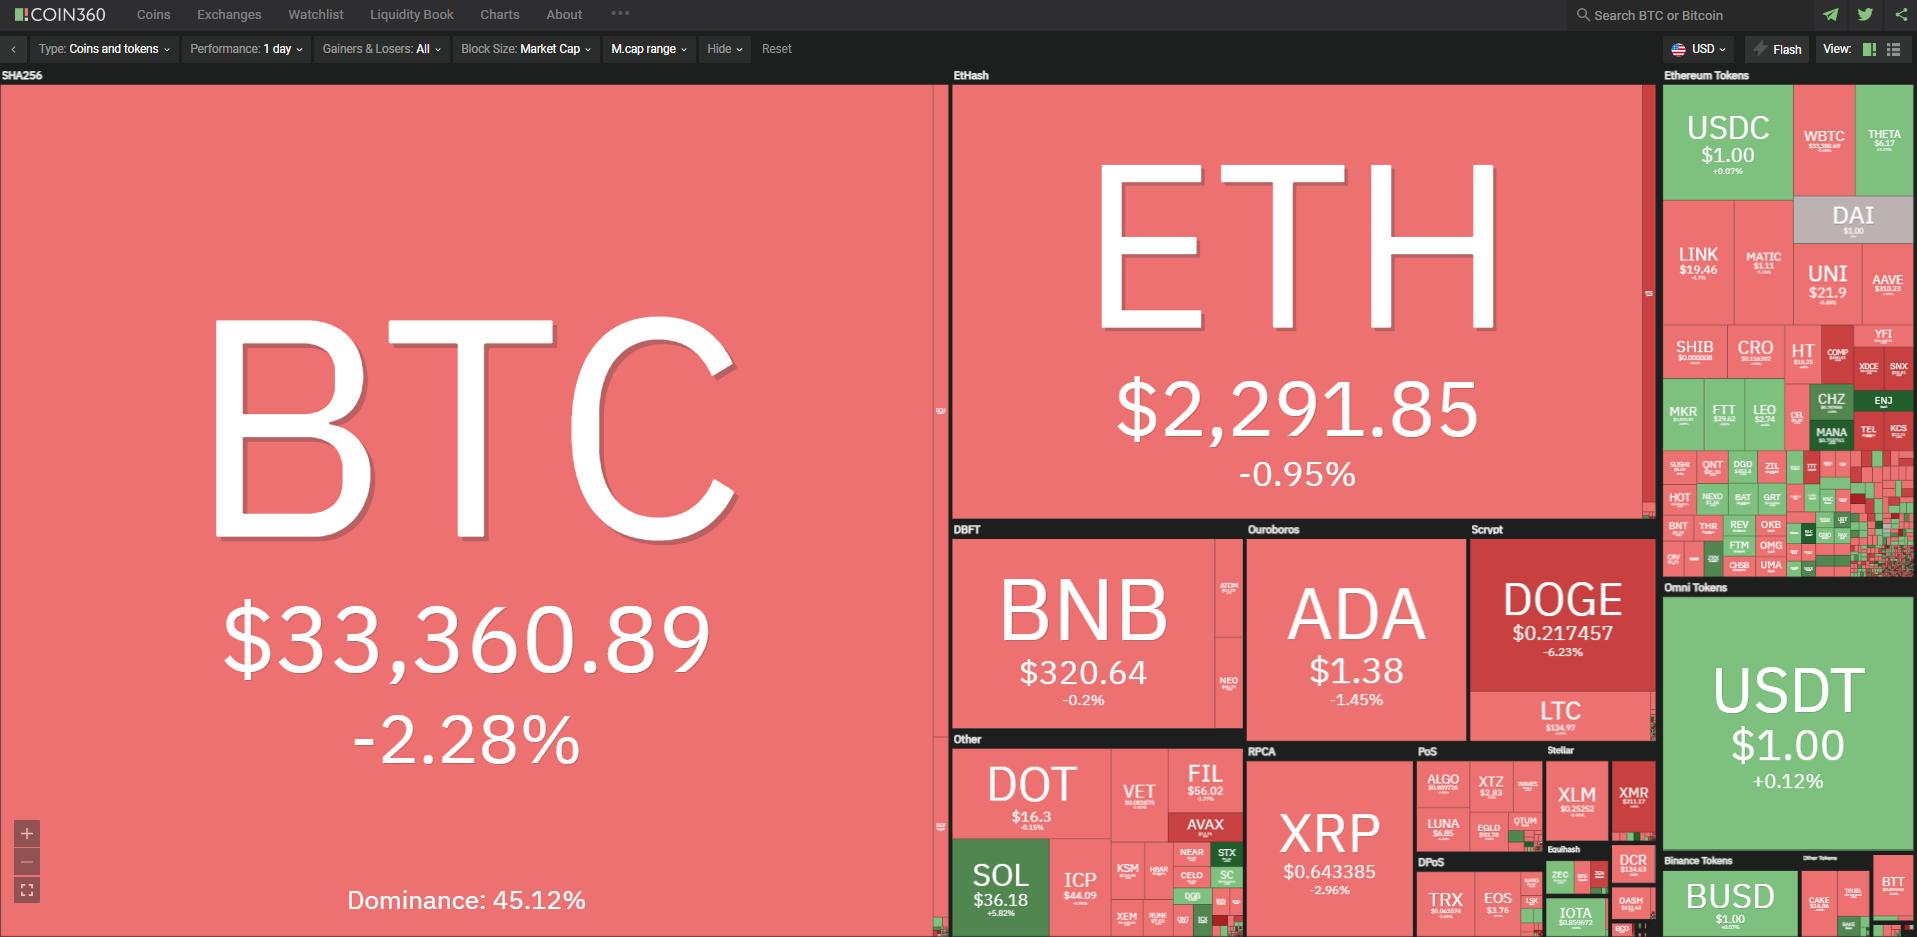 Toàn cảnh thị trường tiền kĩ thuật số ngày 8/7/2021. (Ảnh: Coin360.com).